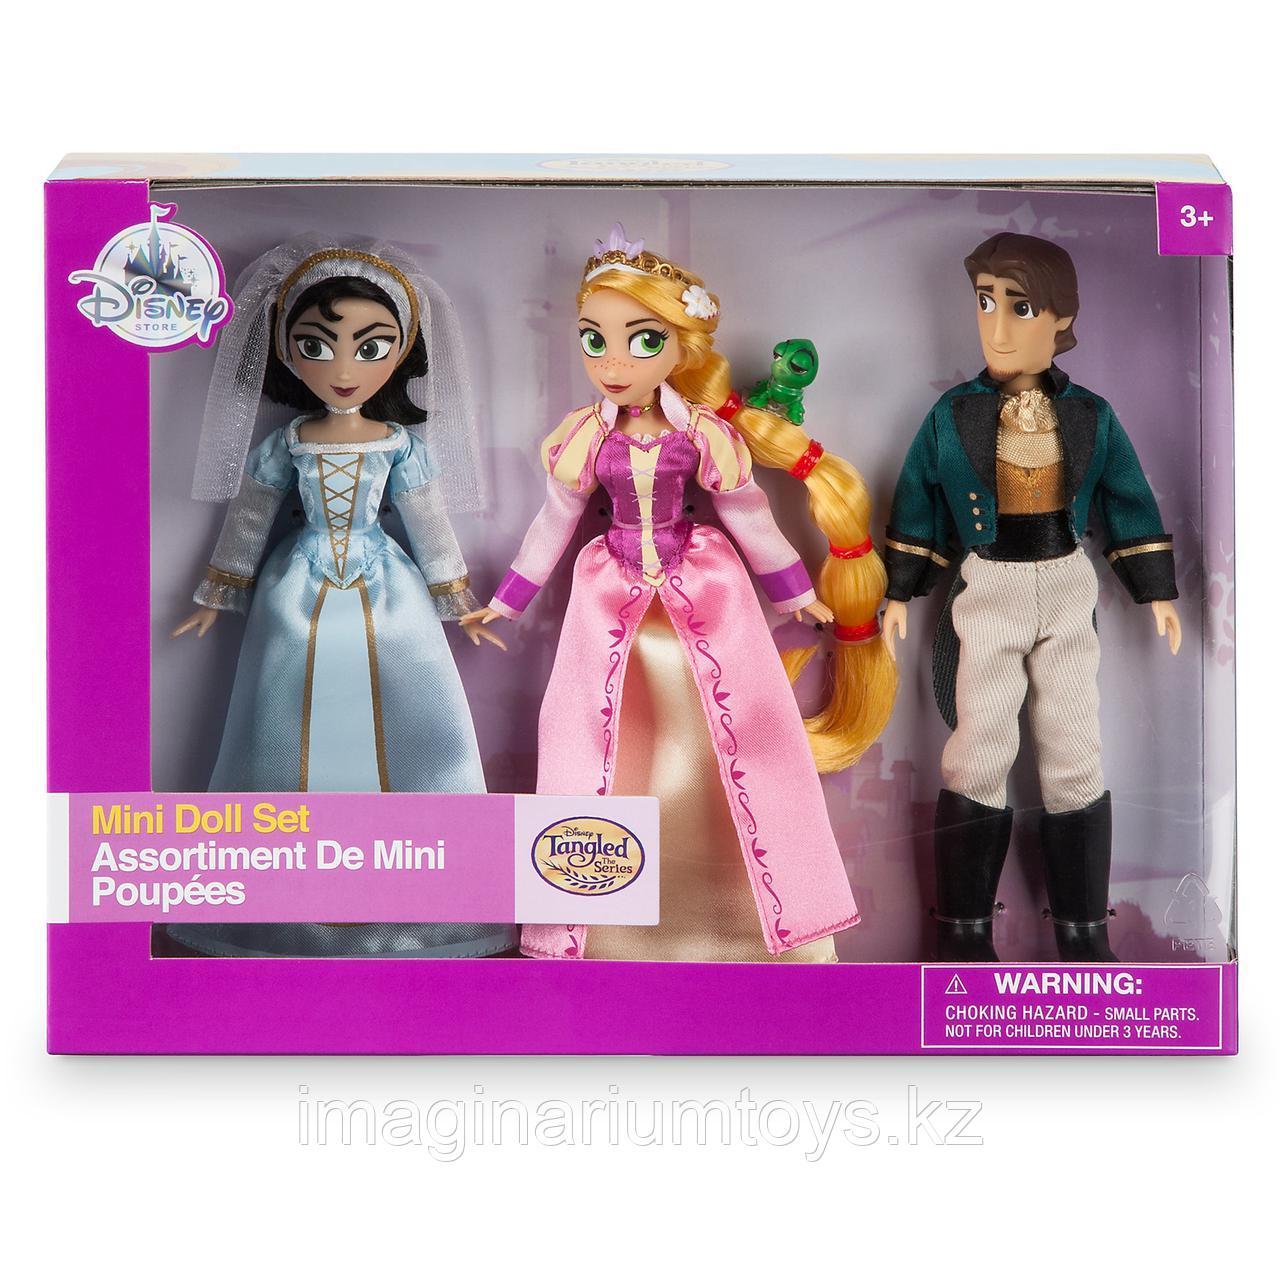 Набор кукол «Рапунцель и ее друзья» Disney